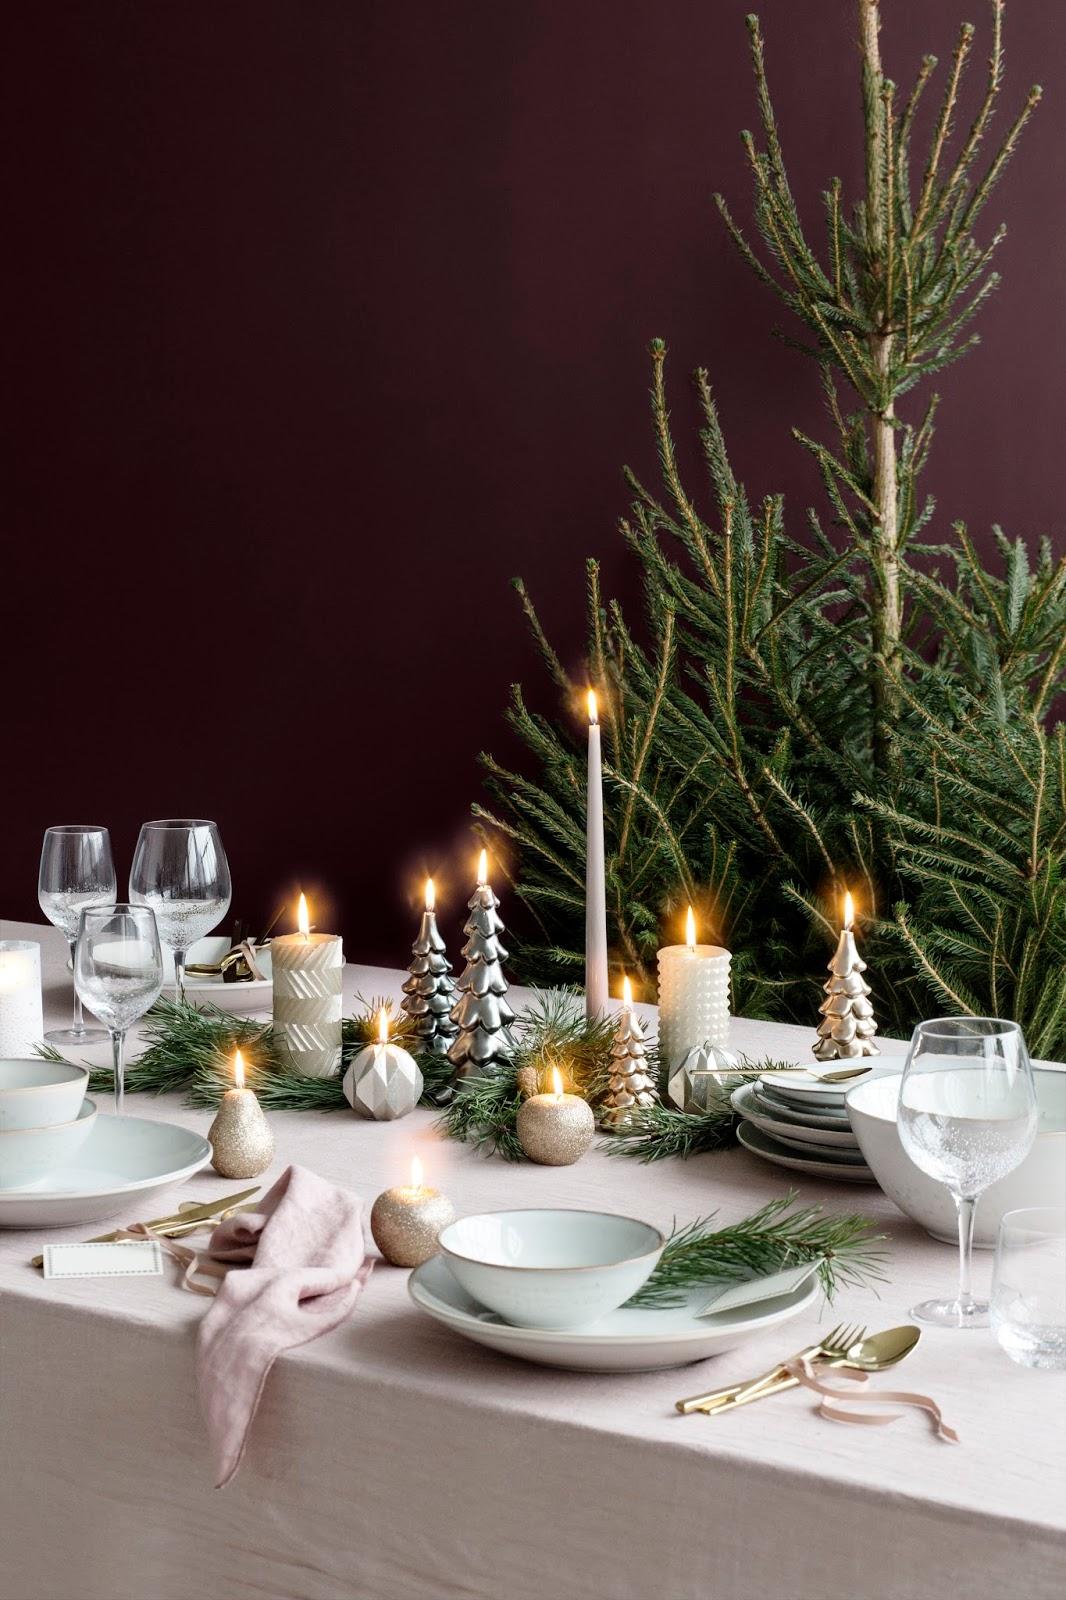 złote sztućce w aranżacji świątecznego stołu